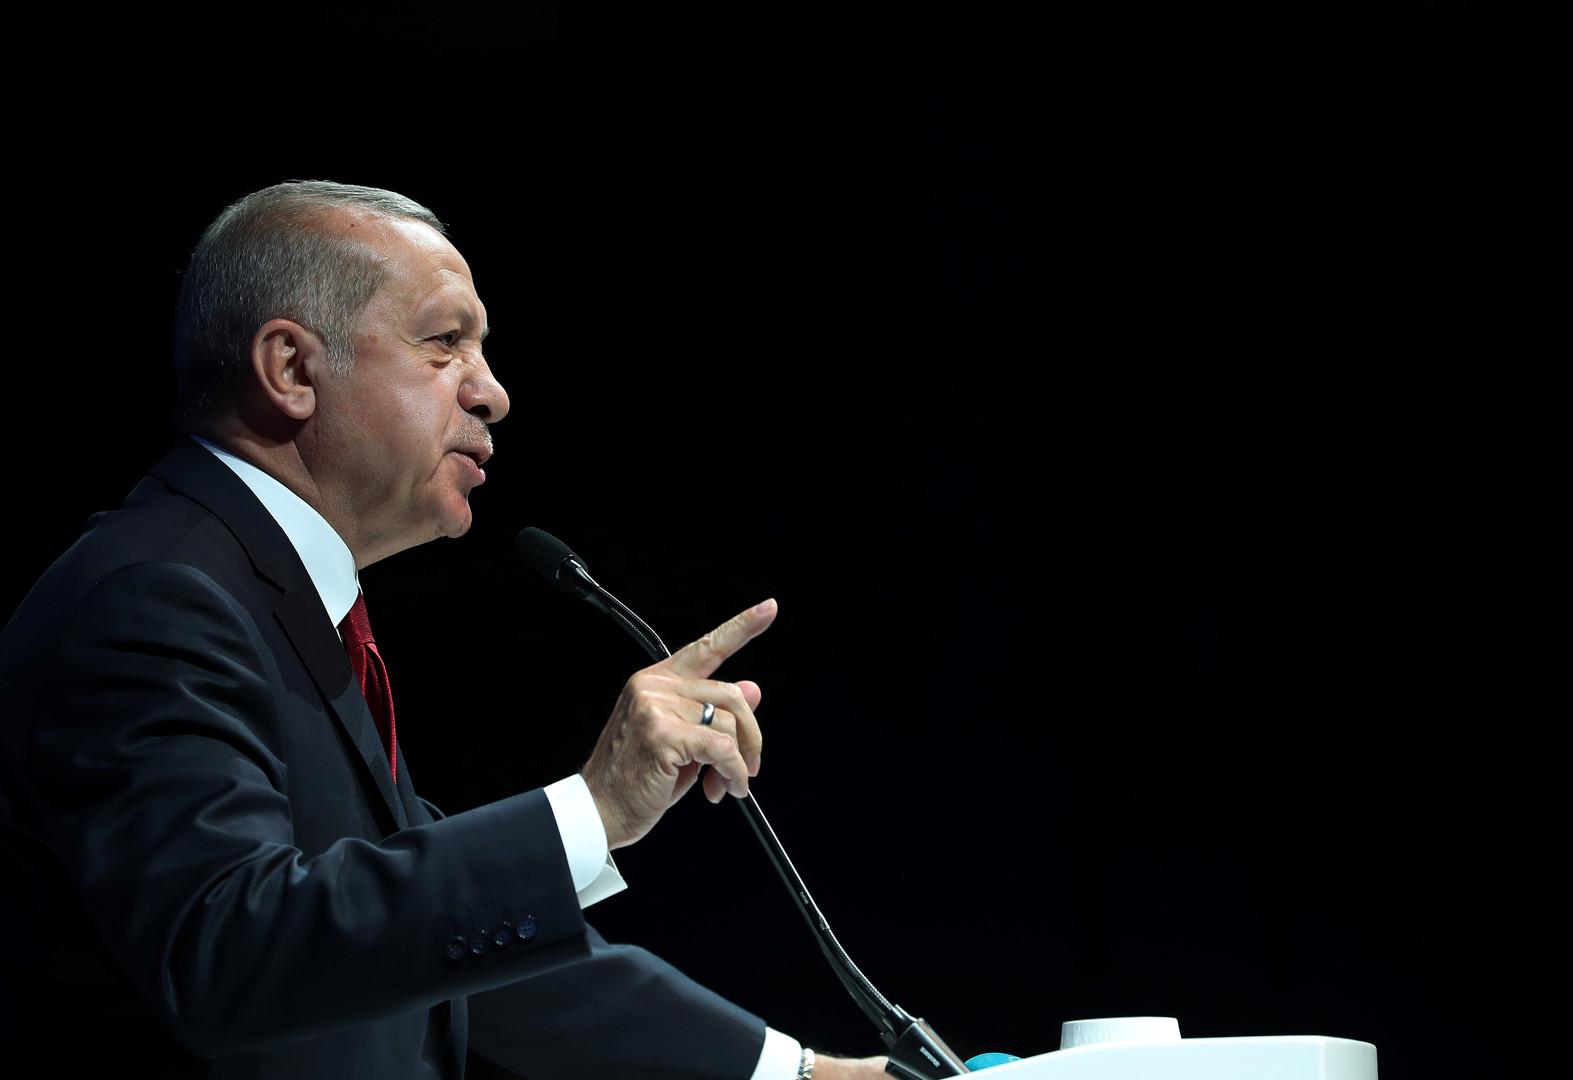 أردوغان: سنتحادث مع روسيا عن مشاركتنا في إنتاج